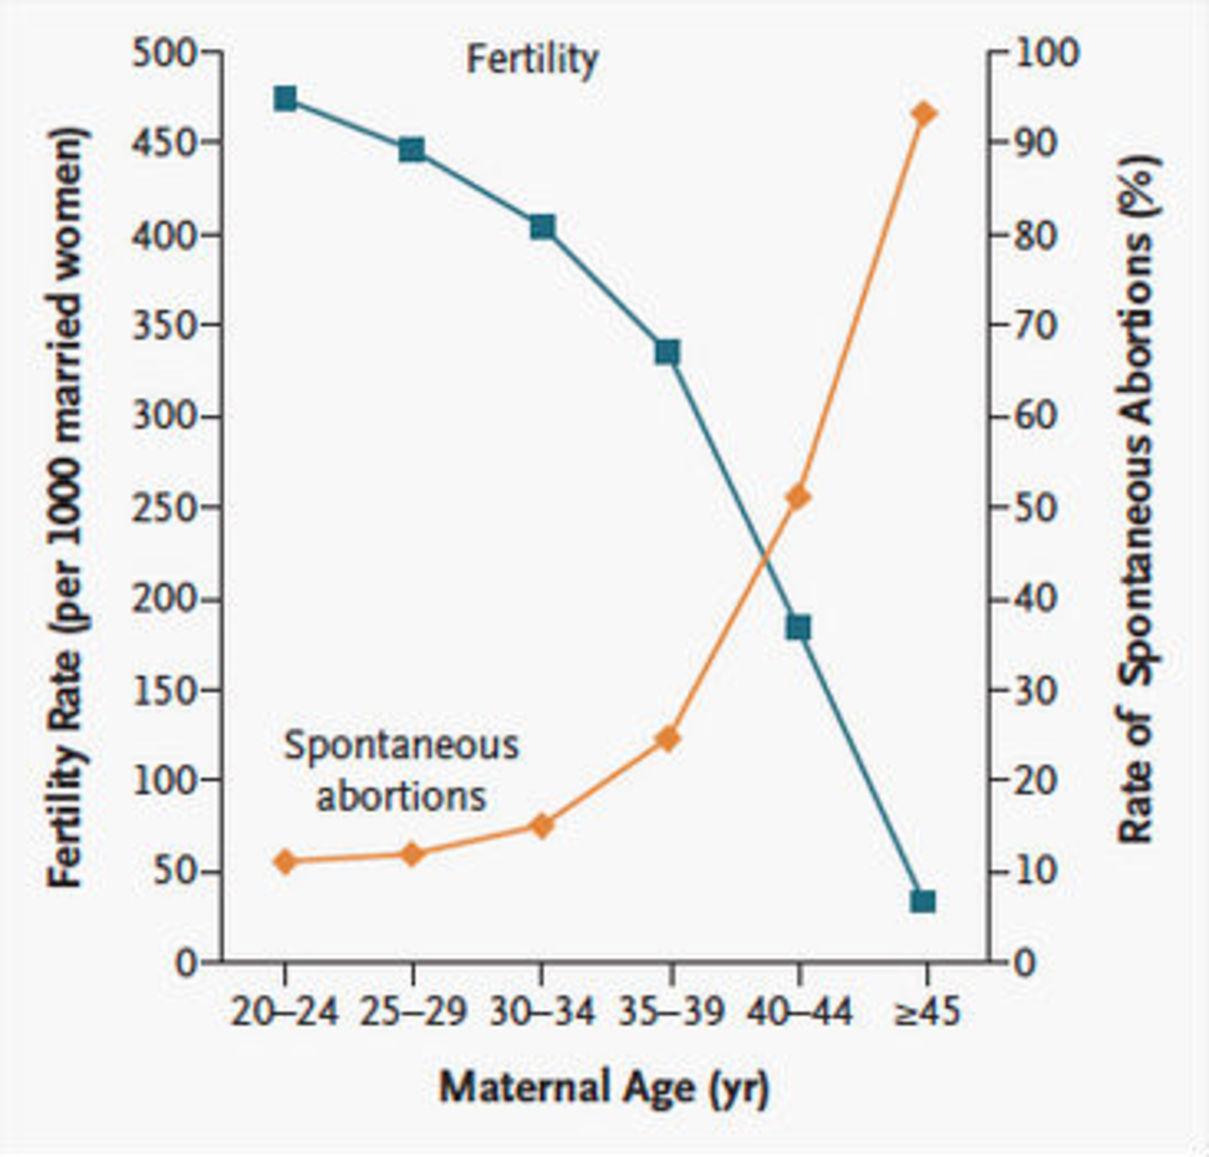 Tabla de fertilidad